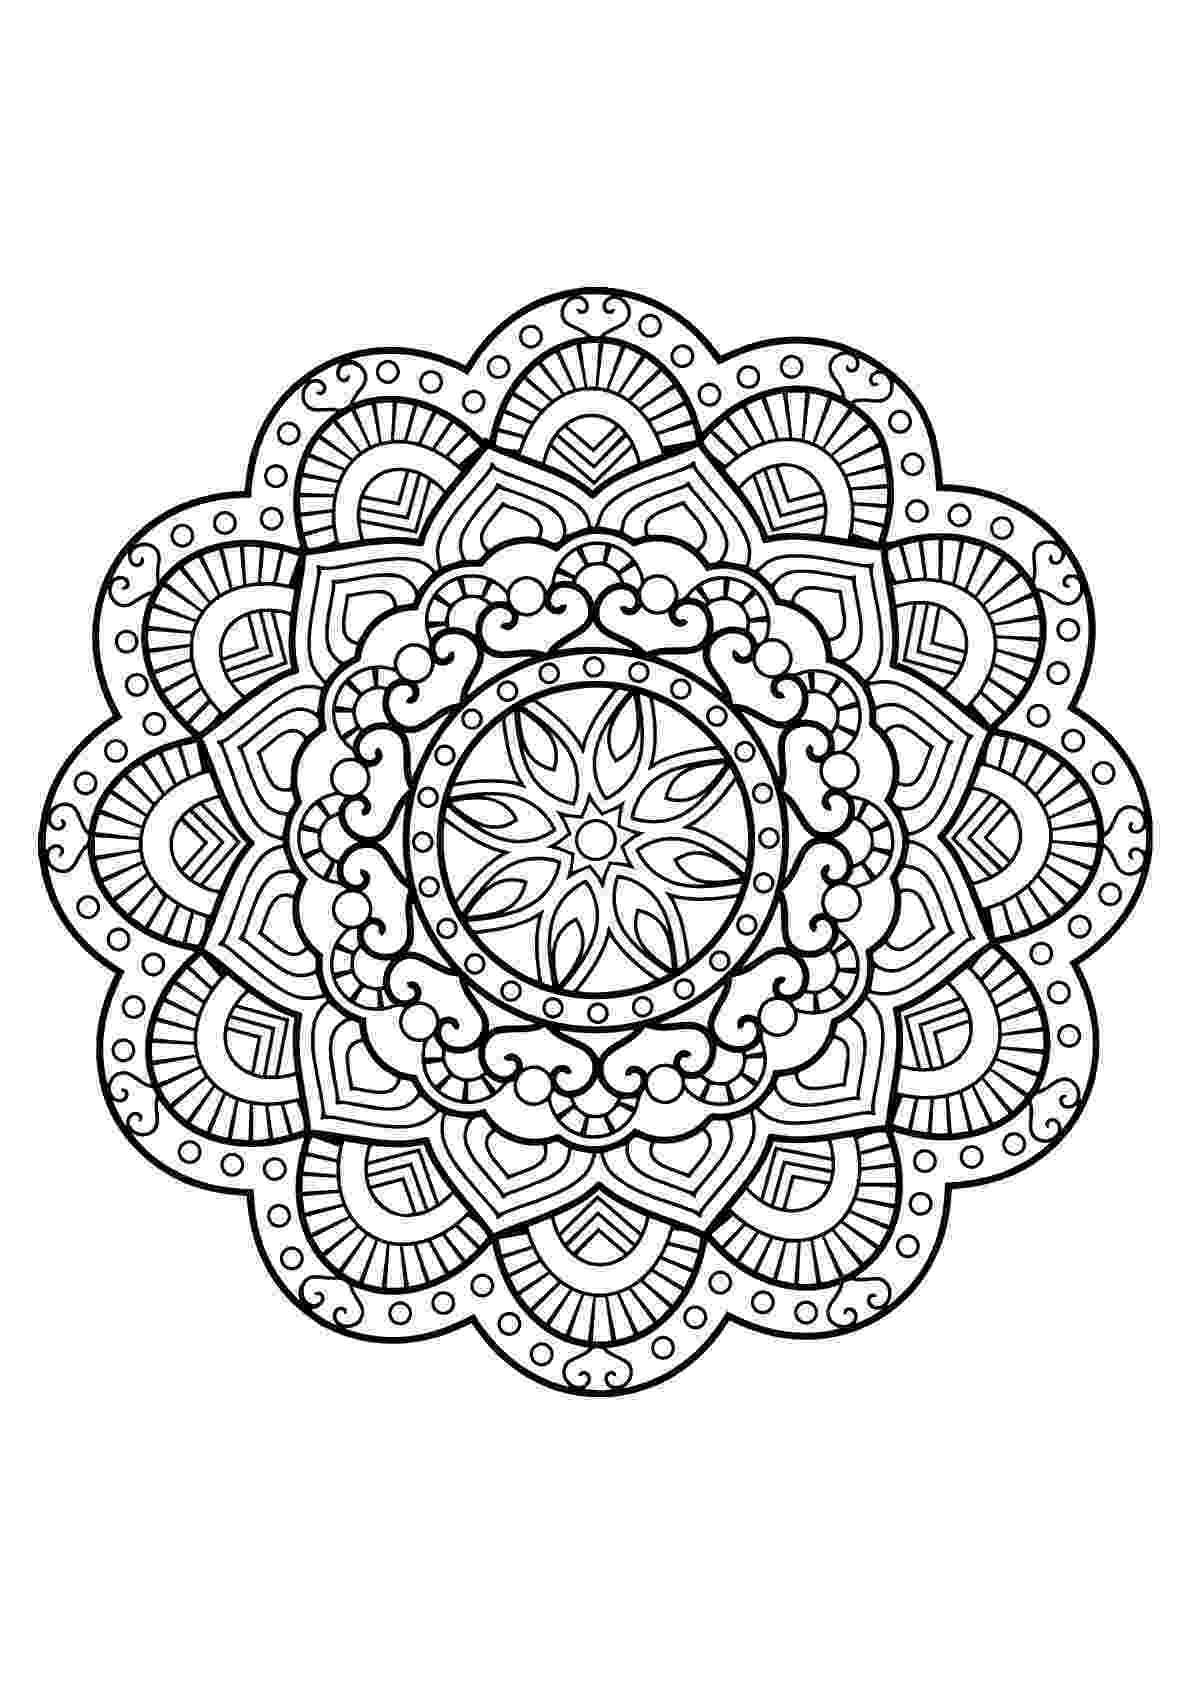 mandala free mandala54jpg 11291144 mandalas coloring pages free mandala